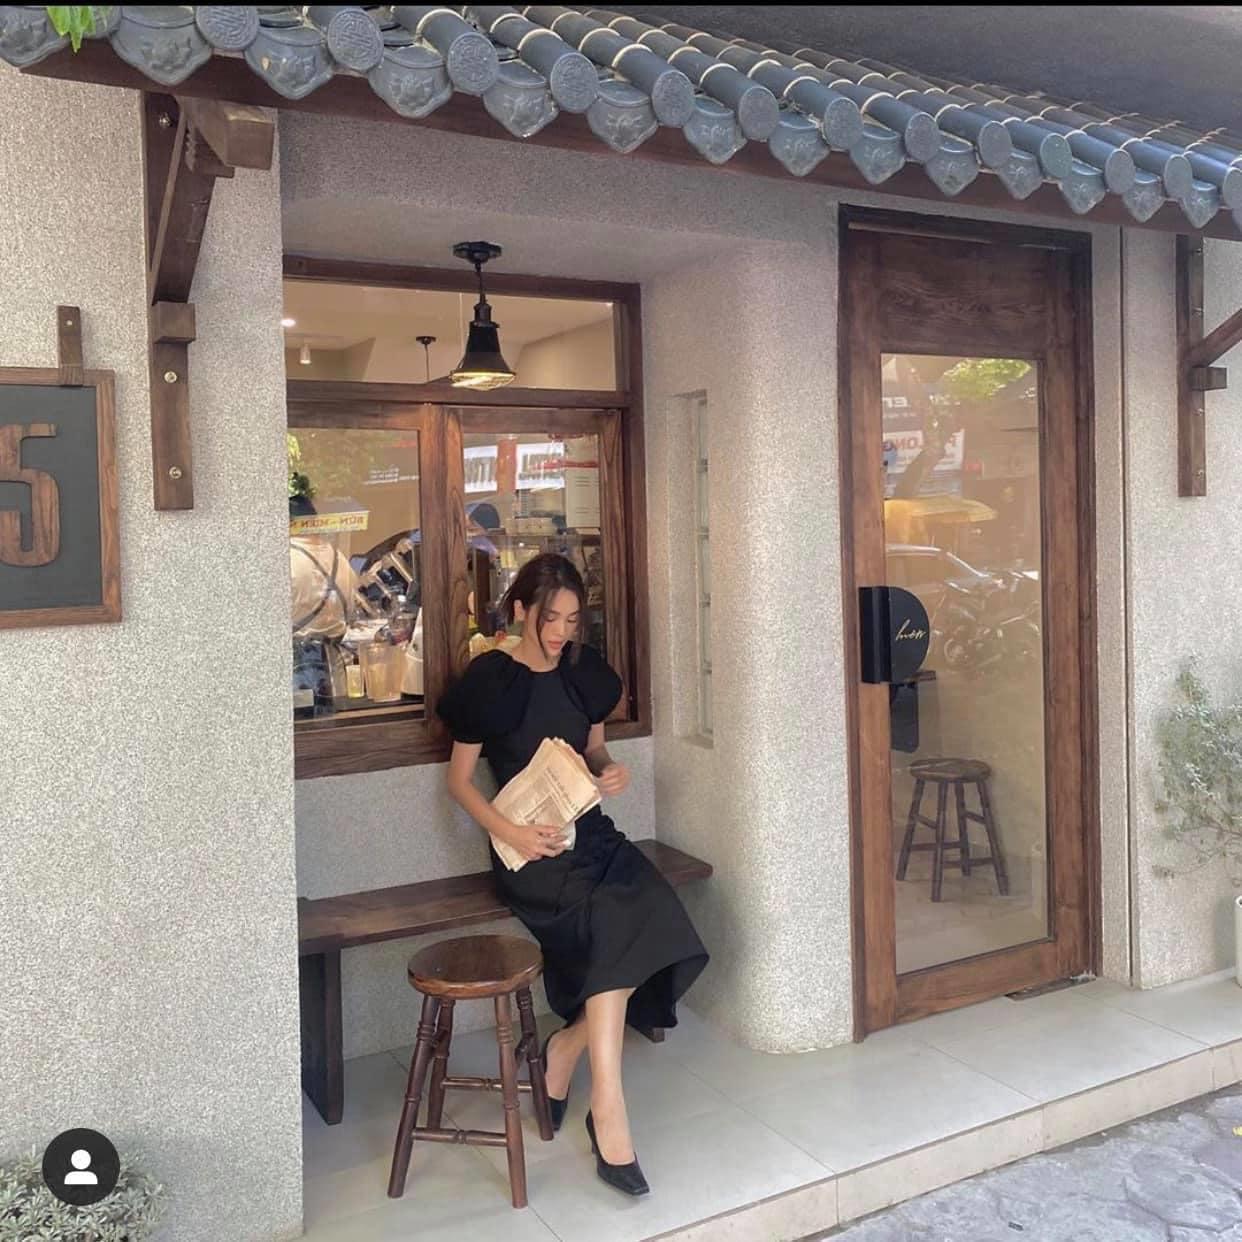 Dịp 20/10, đừng quên rủ nàng đến một trong những địa chỉ cafe lãng mạn ngay dưới đây tại Hà Nội - Ảnh 4.